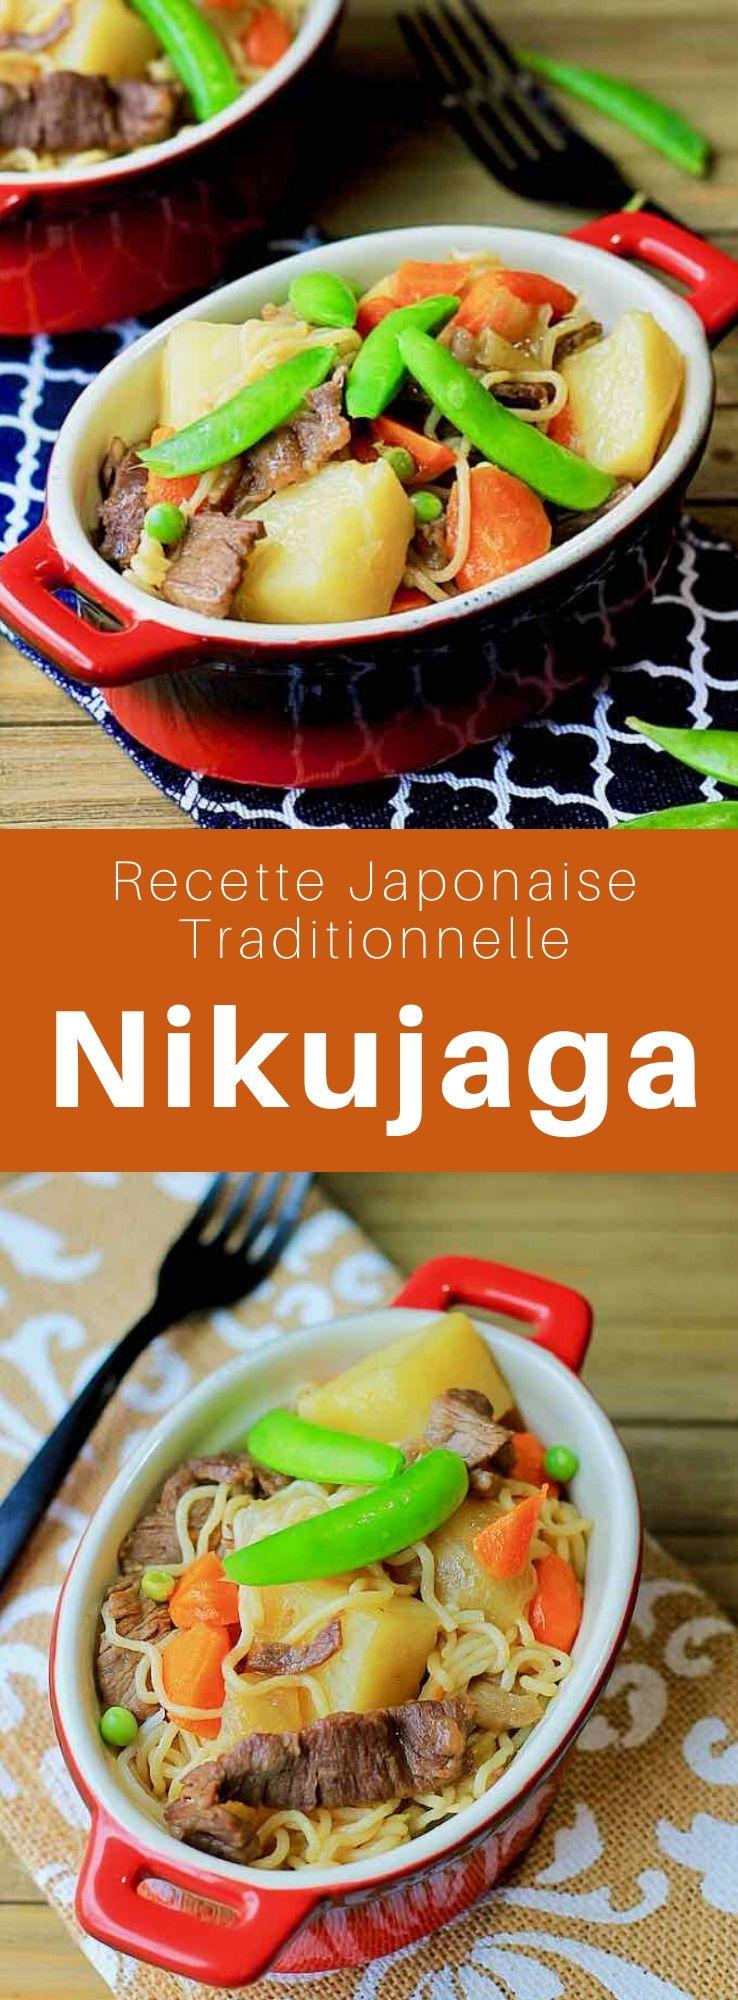 """Le nikujaga (肉じゃが), signifiant """"viande et pomme de terre"""" est un plat japonais principalement composé de viandes, pommes de terre et oignons cuits dans un bouillon de dashi. #Japon #CuisineJaponaise #RecetteJaponaise #CuisineDuMonde #196flavors"""